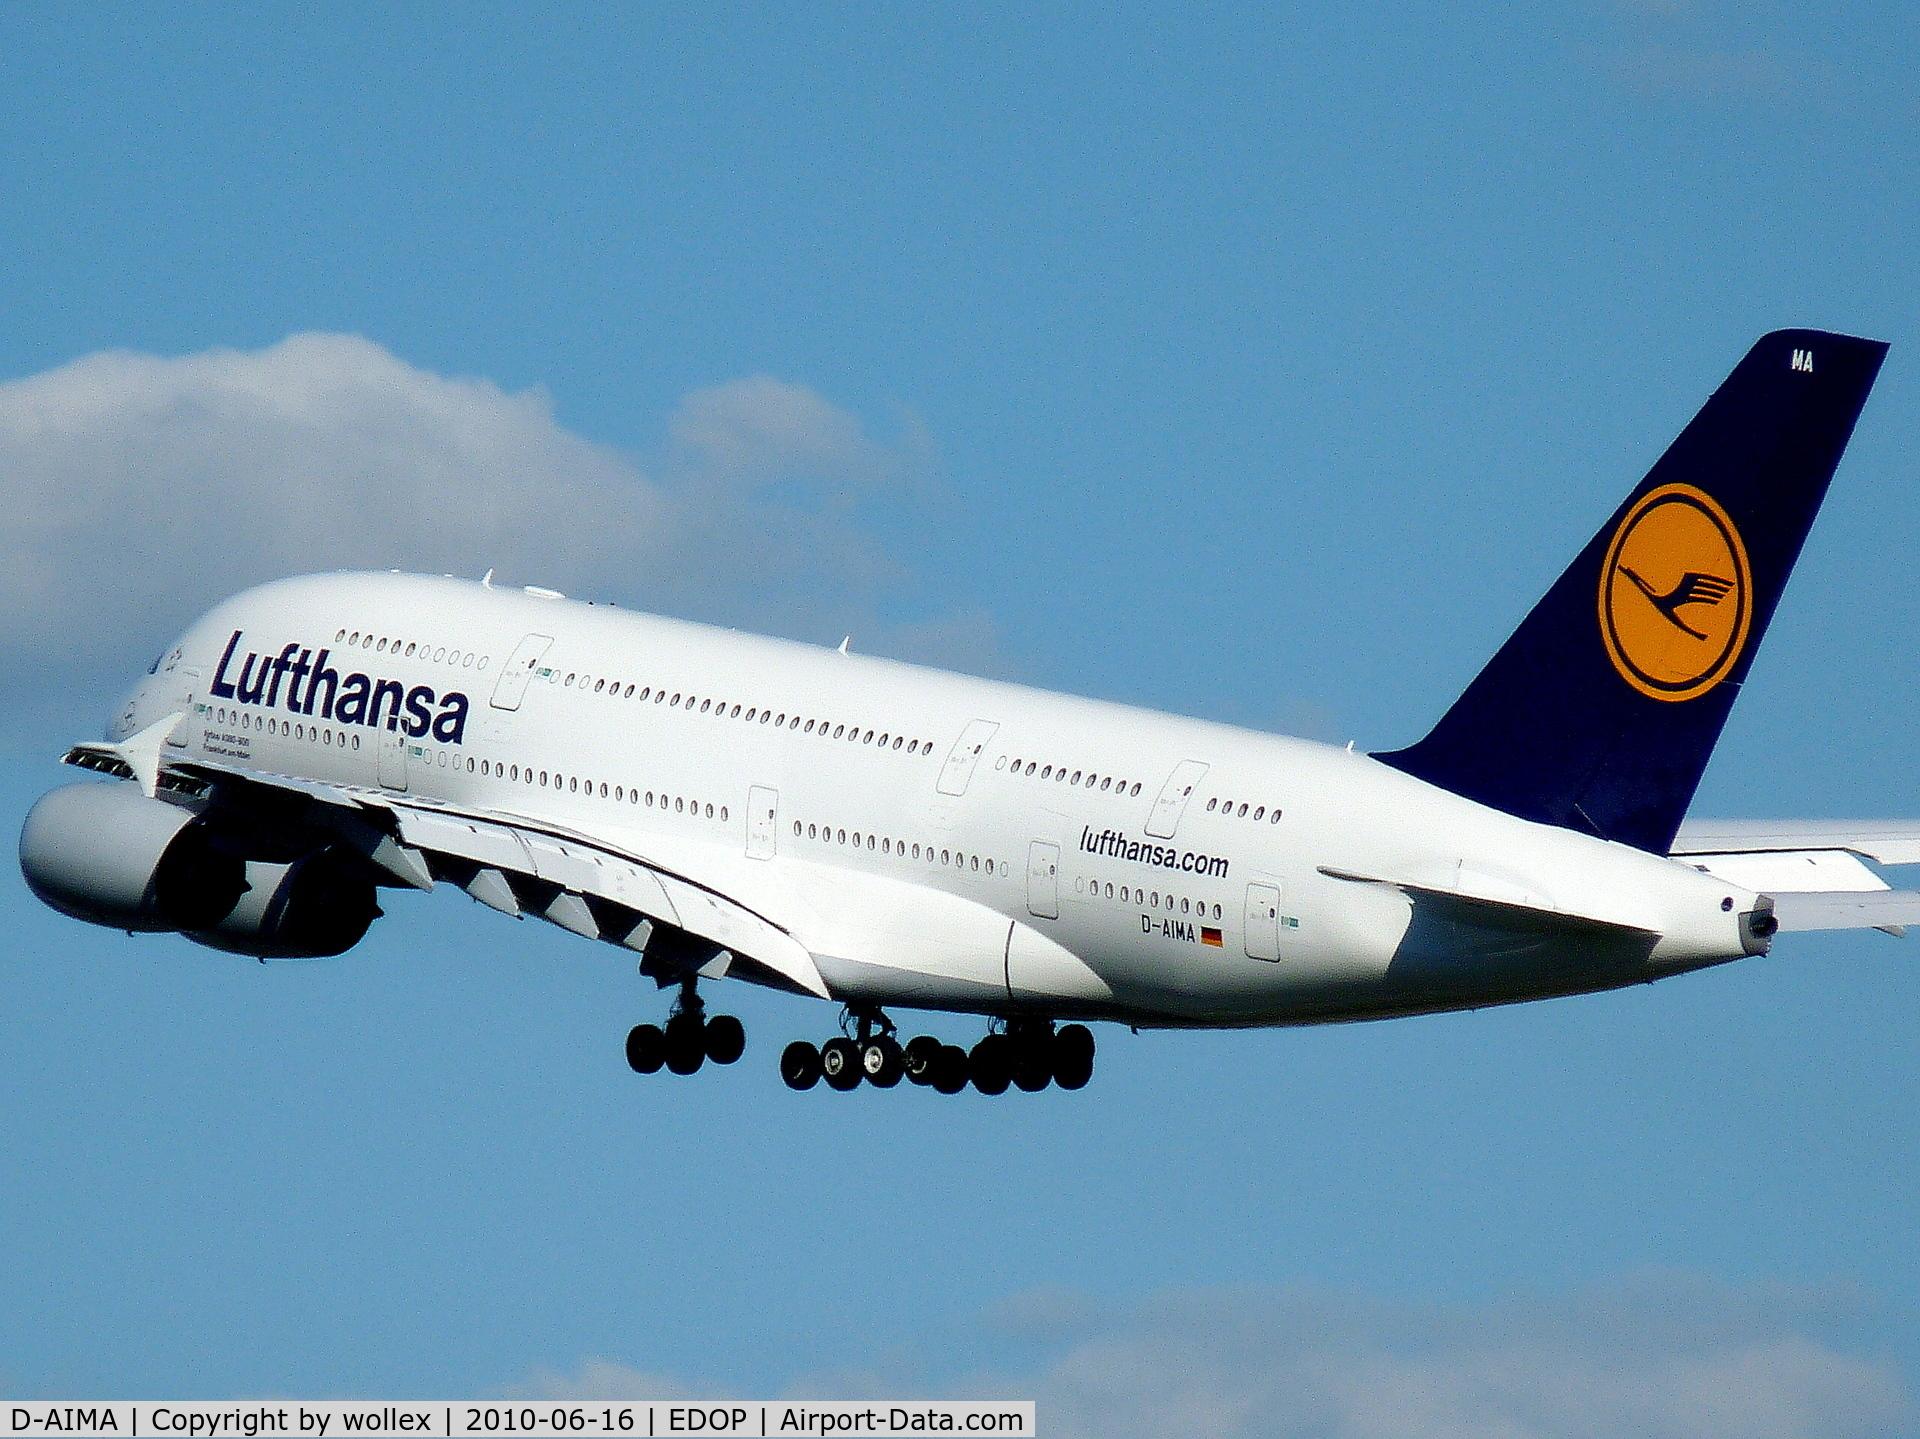 D-AIMA, 2010 Airbus A380-841 C/N 038, Airbus A380 (D-AIMA) Lufthansa